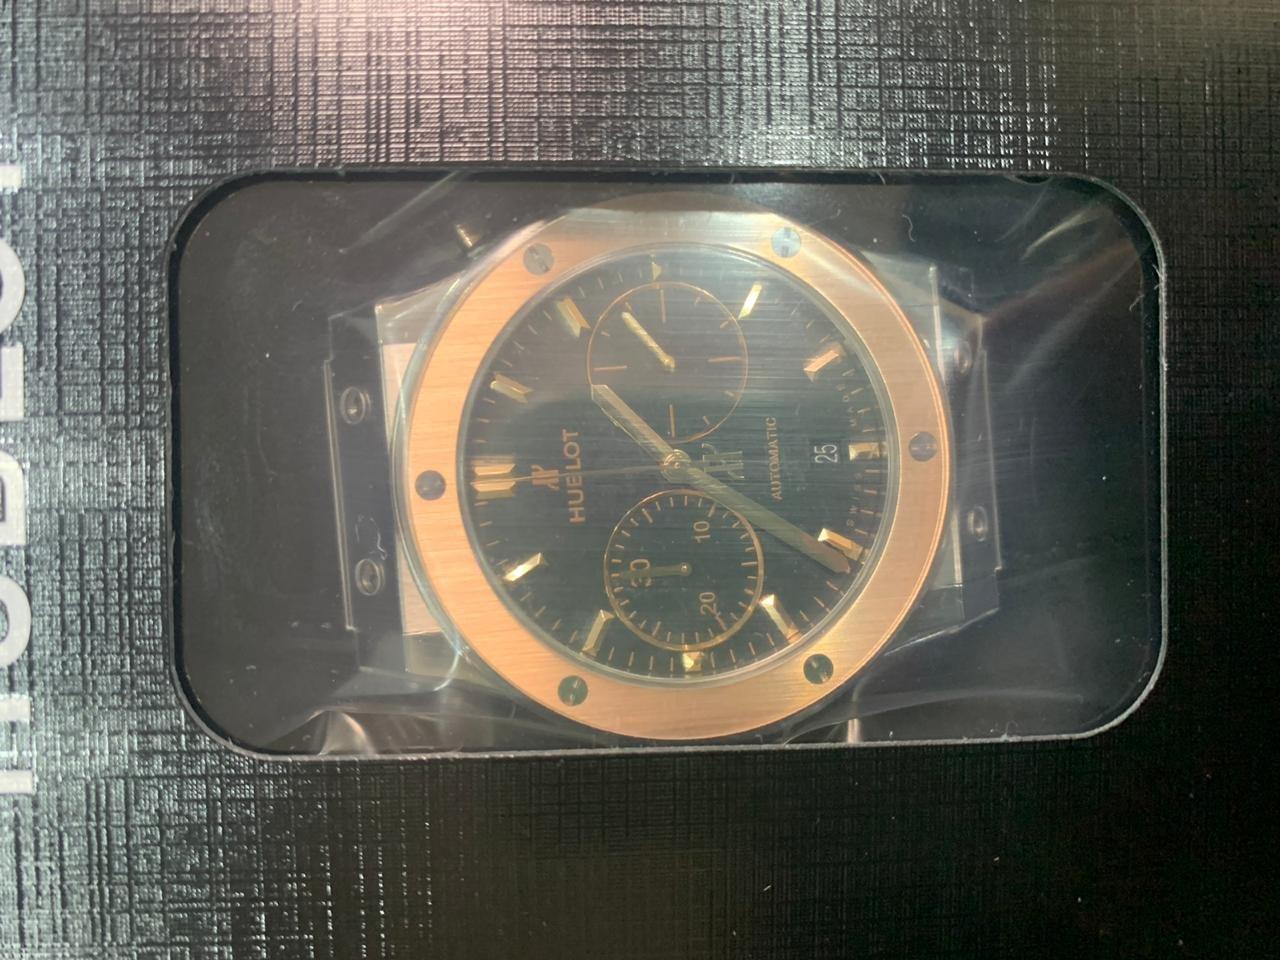 Парфуми, коштовні годинники та Covid-тести: на Сумщині затримали контрабанду на 9 мільйонів, фото-2